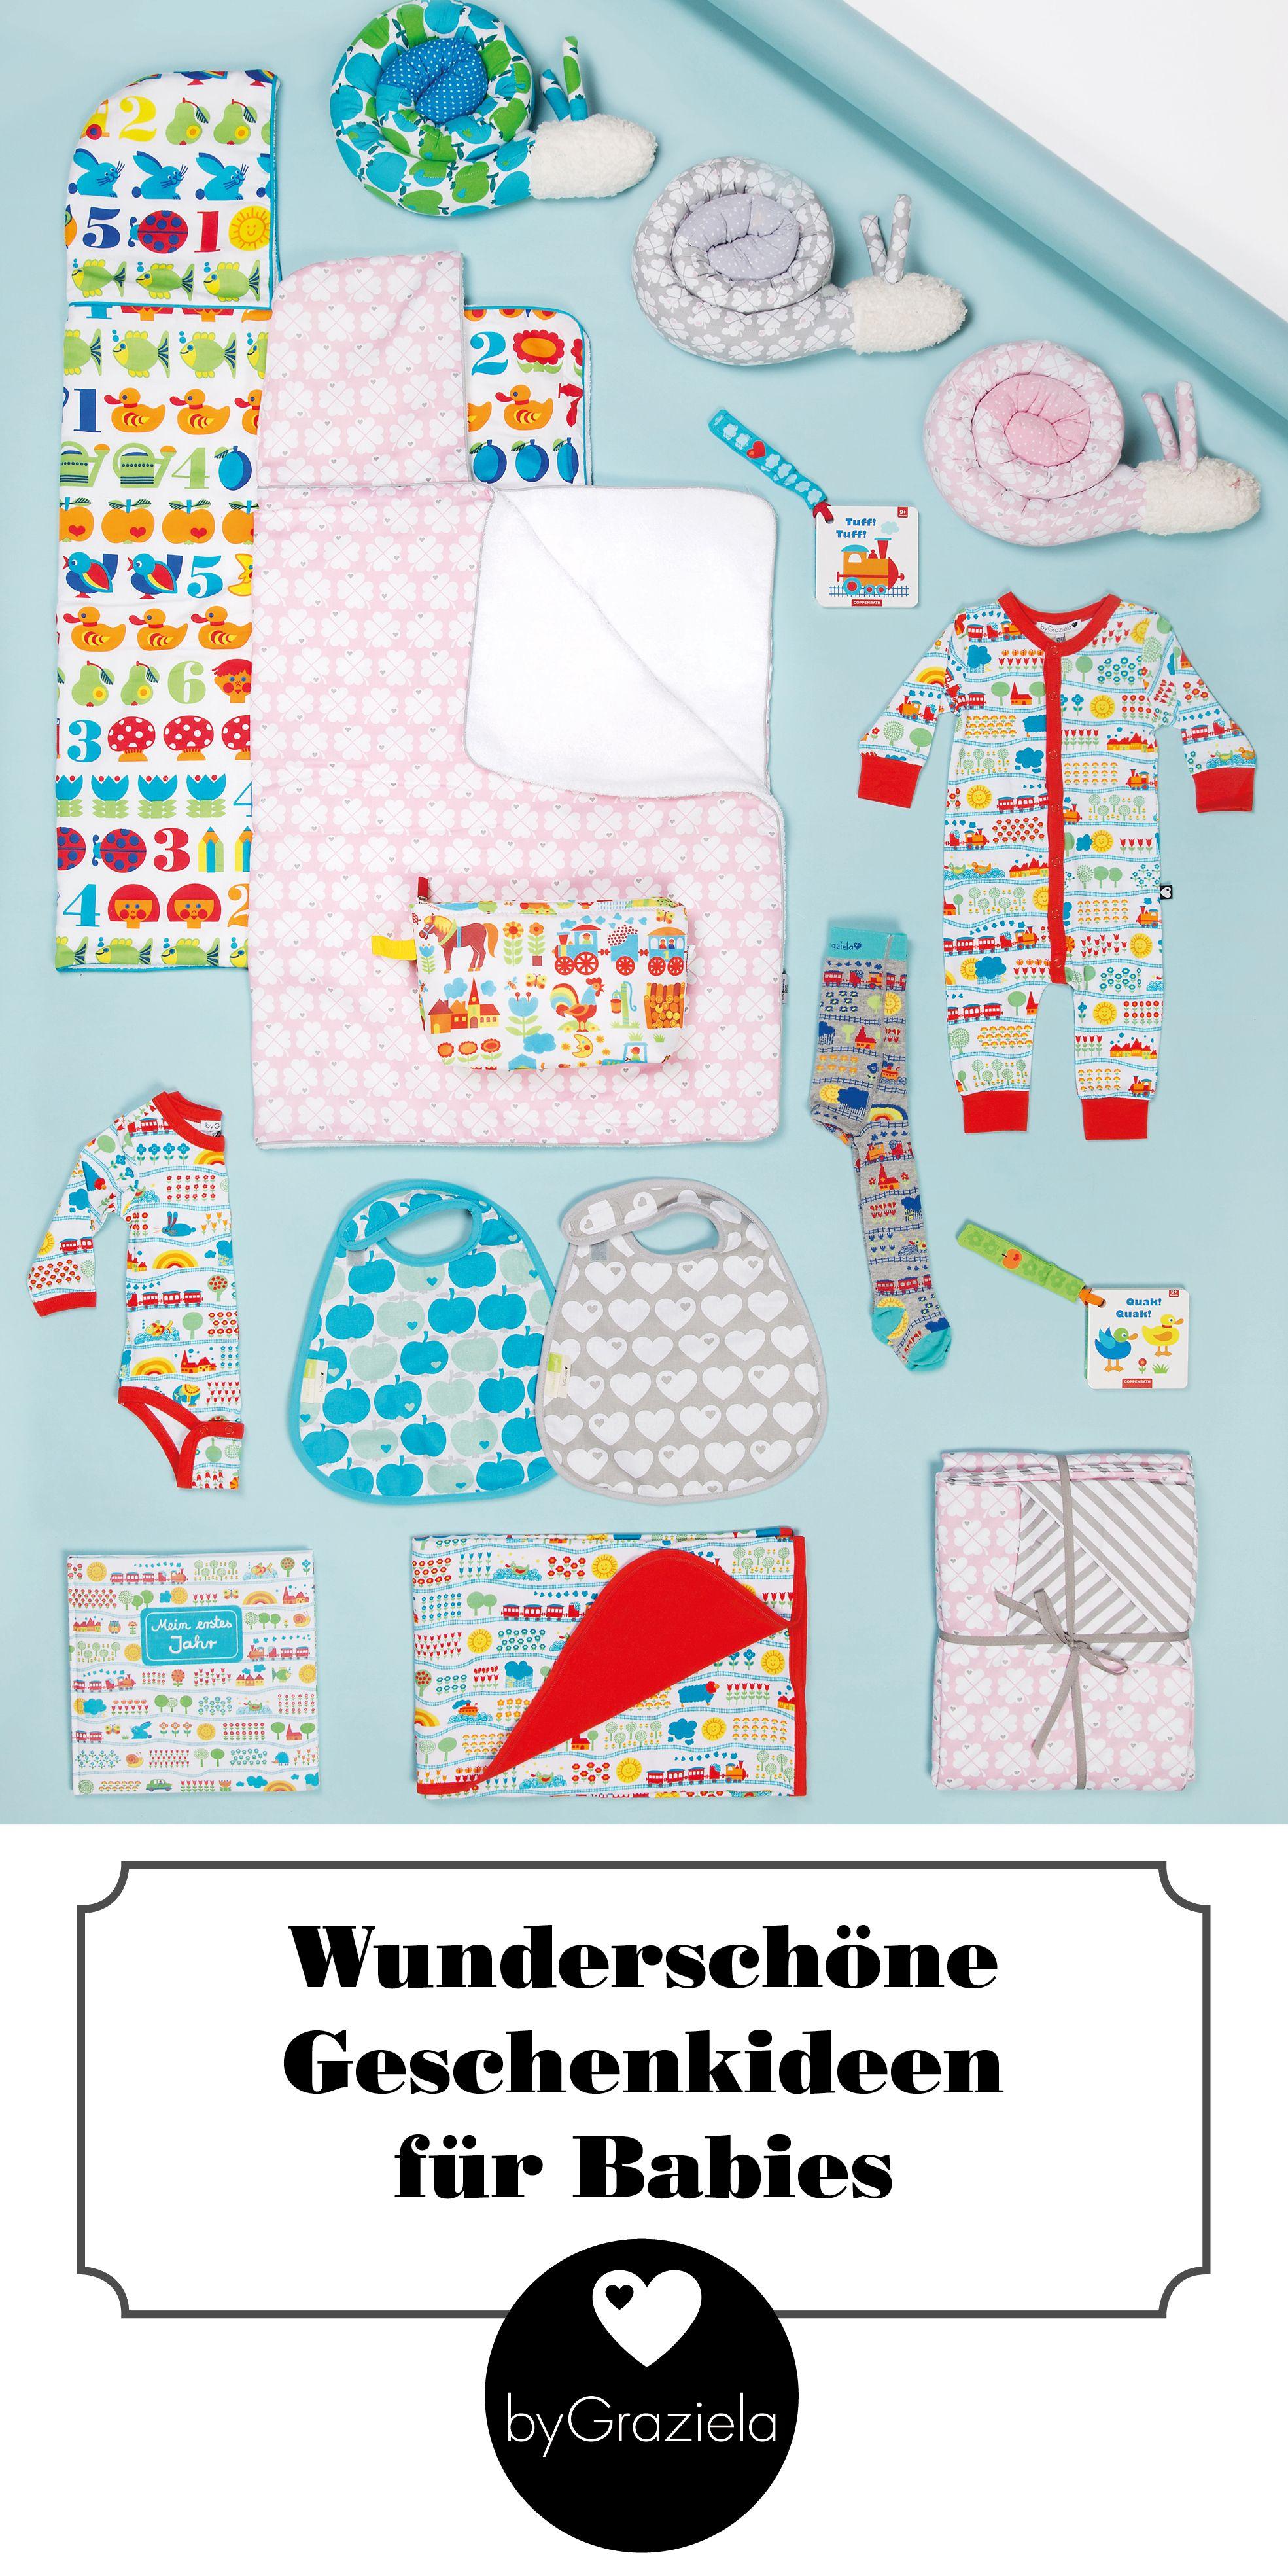 Weihnachtsgeschenke fürs Baby. Was schenkt man zum 1. oder